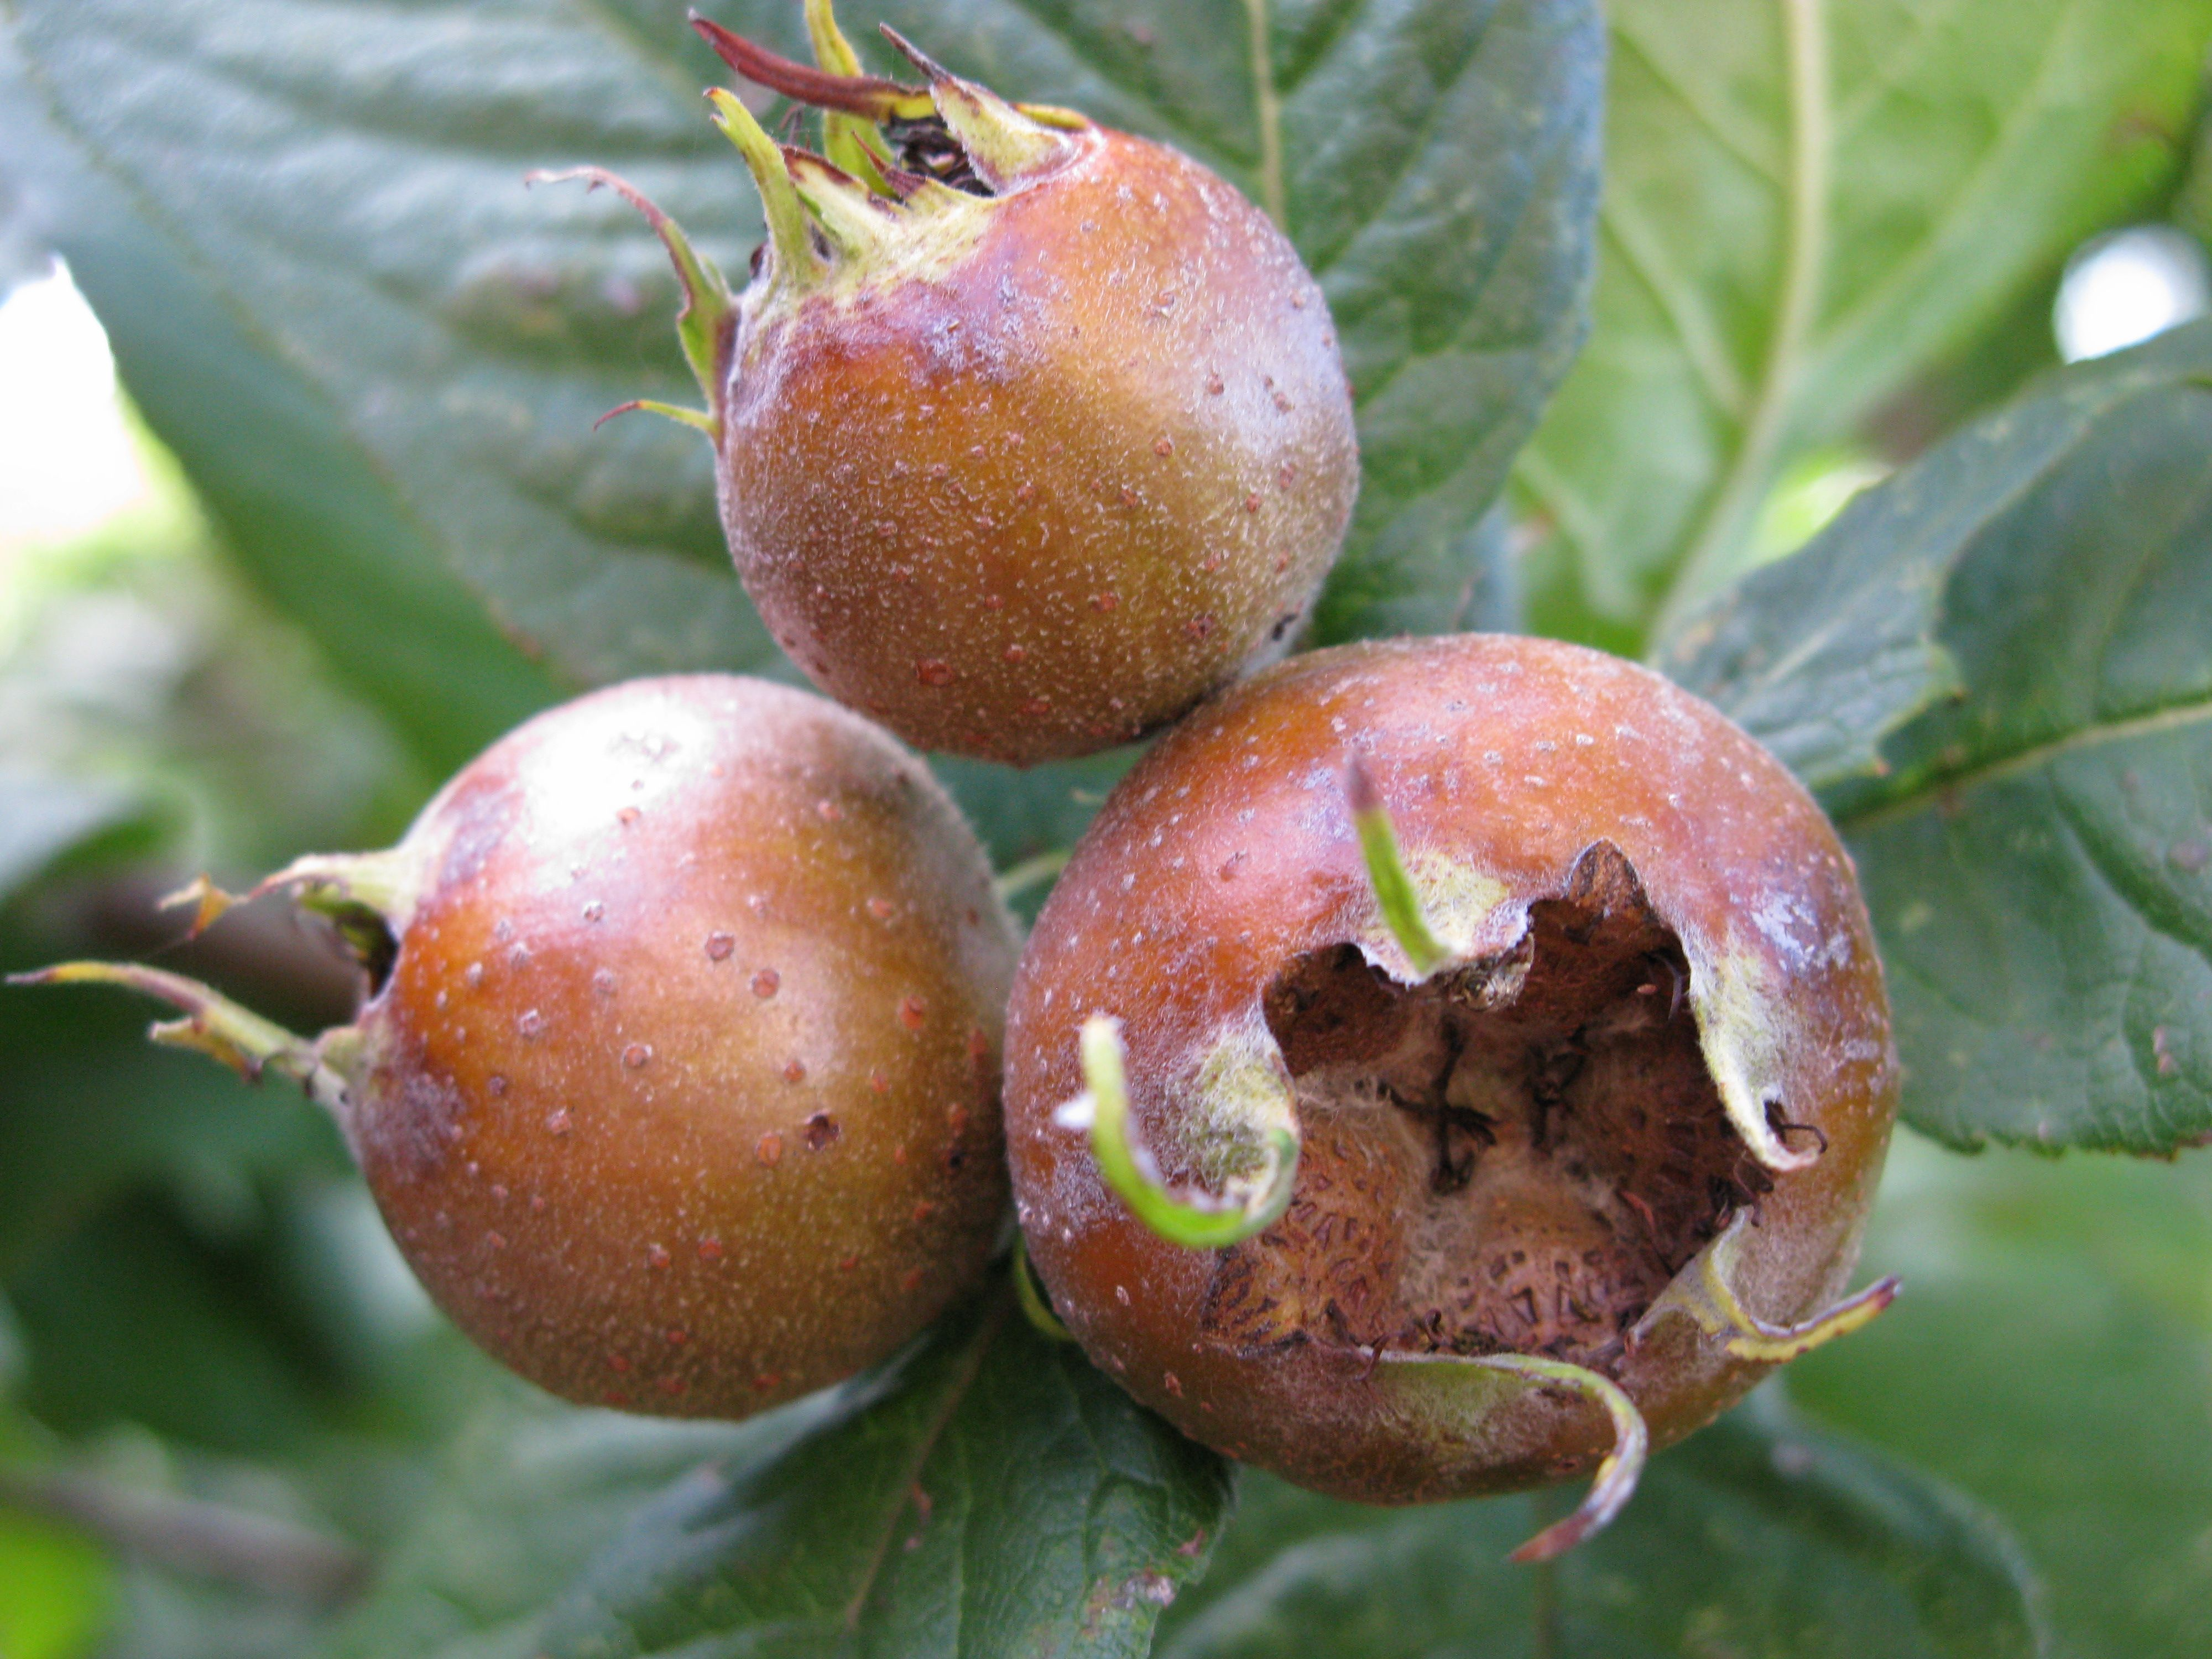 Medlar fruit in mid-autumn | The Medieval Garden Enclosed